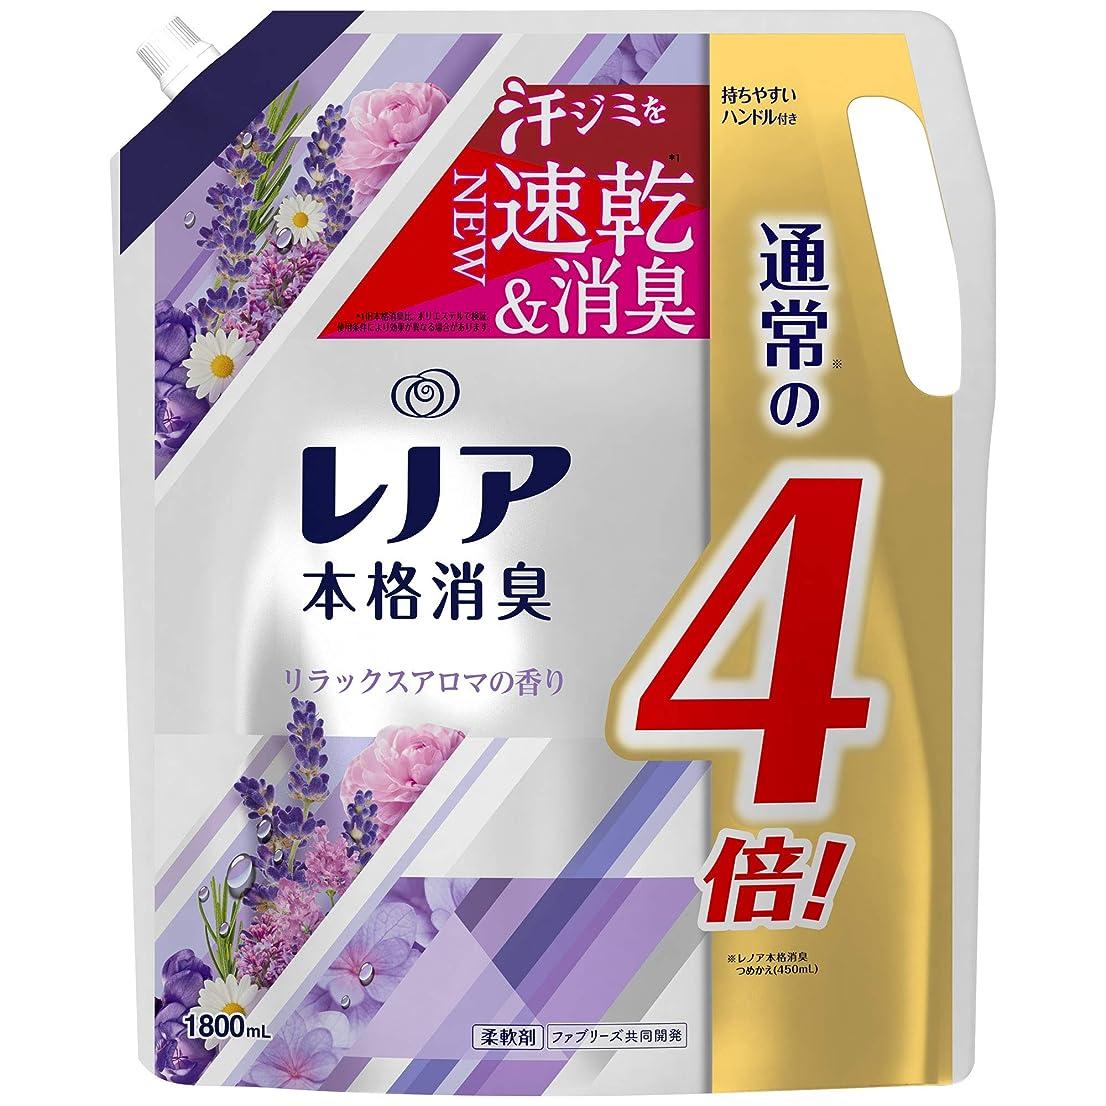 地獄湿気の多いハックレノア 本格消臭 柔軟剤 リラックスアロマ 詰め替え 約4倍(1800mL)